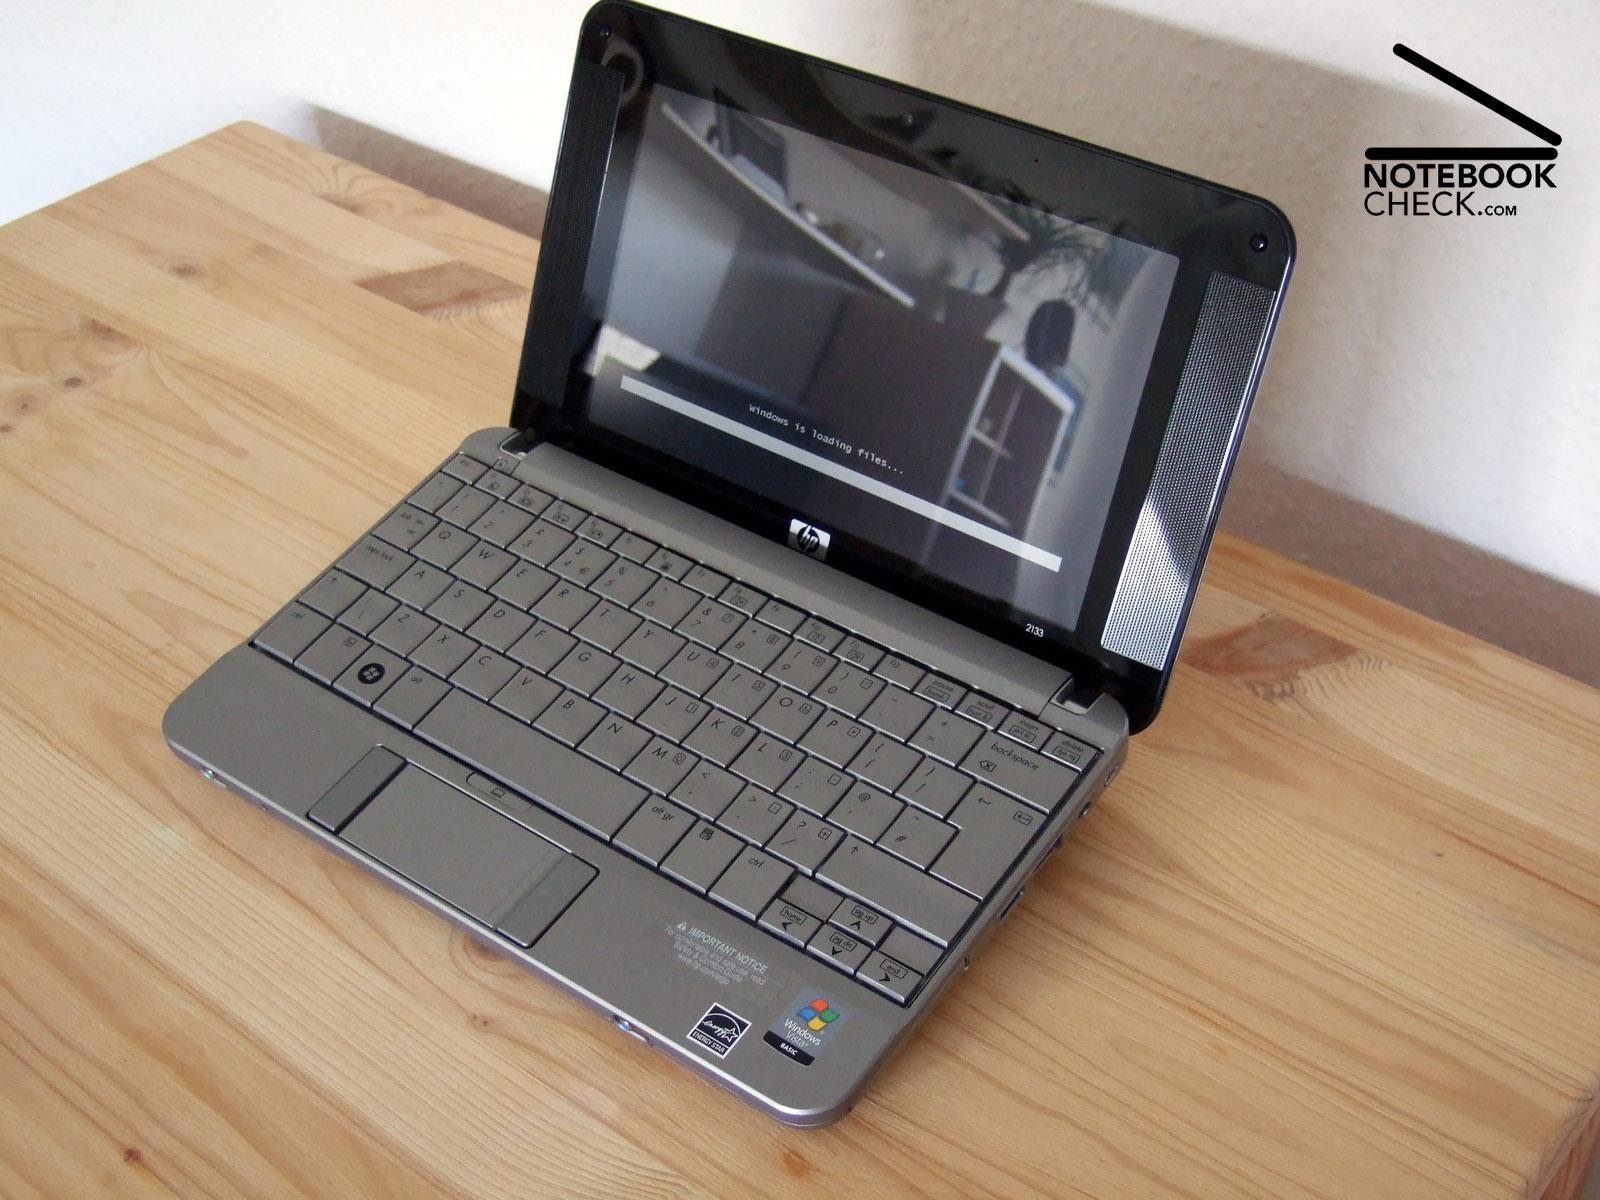 HP 2133 Mini-Note Webcam Windows Vista 32-BIT